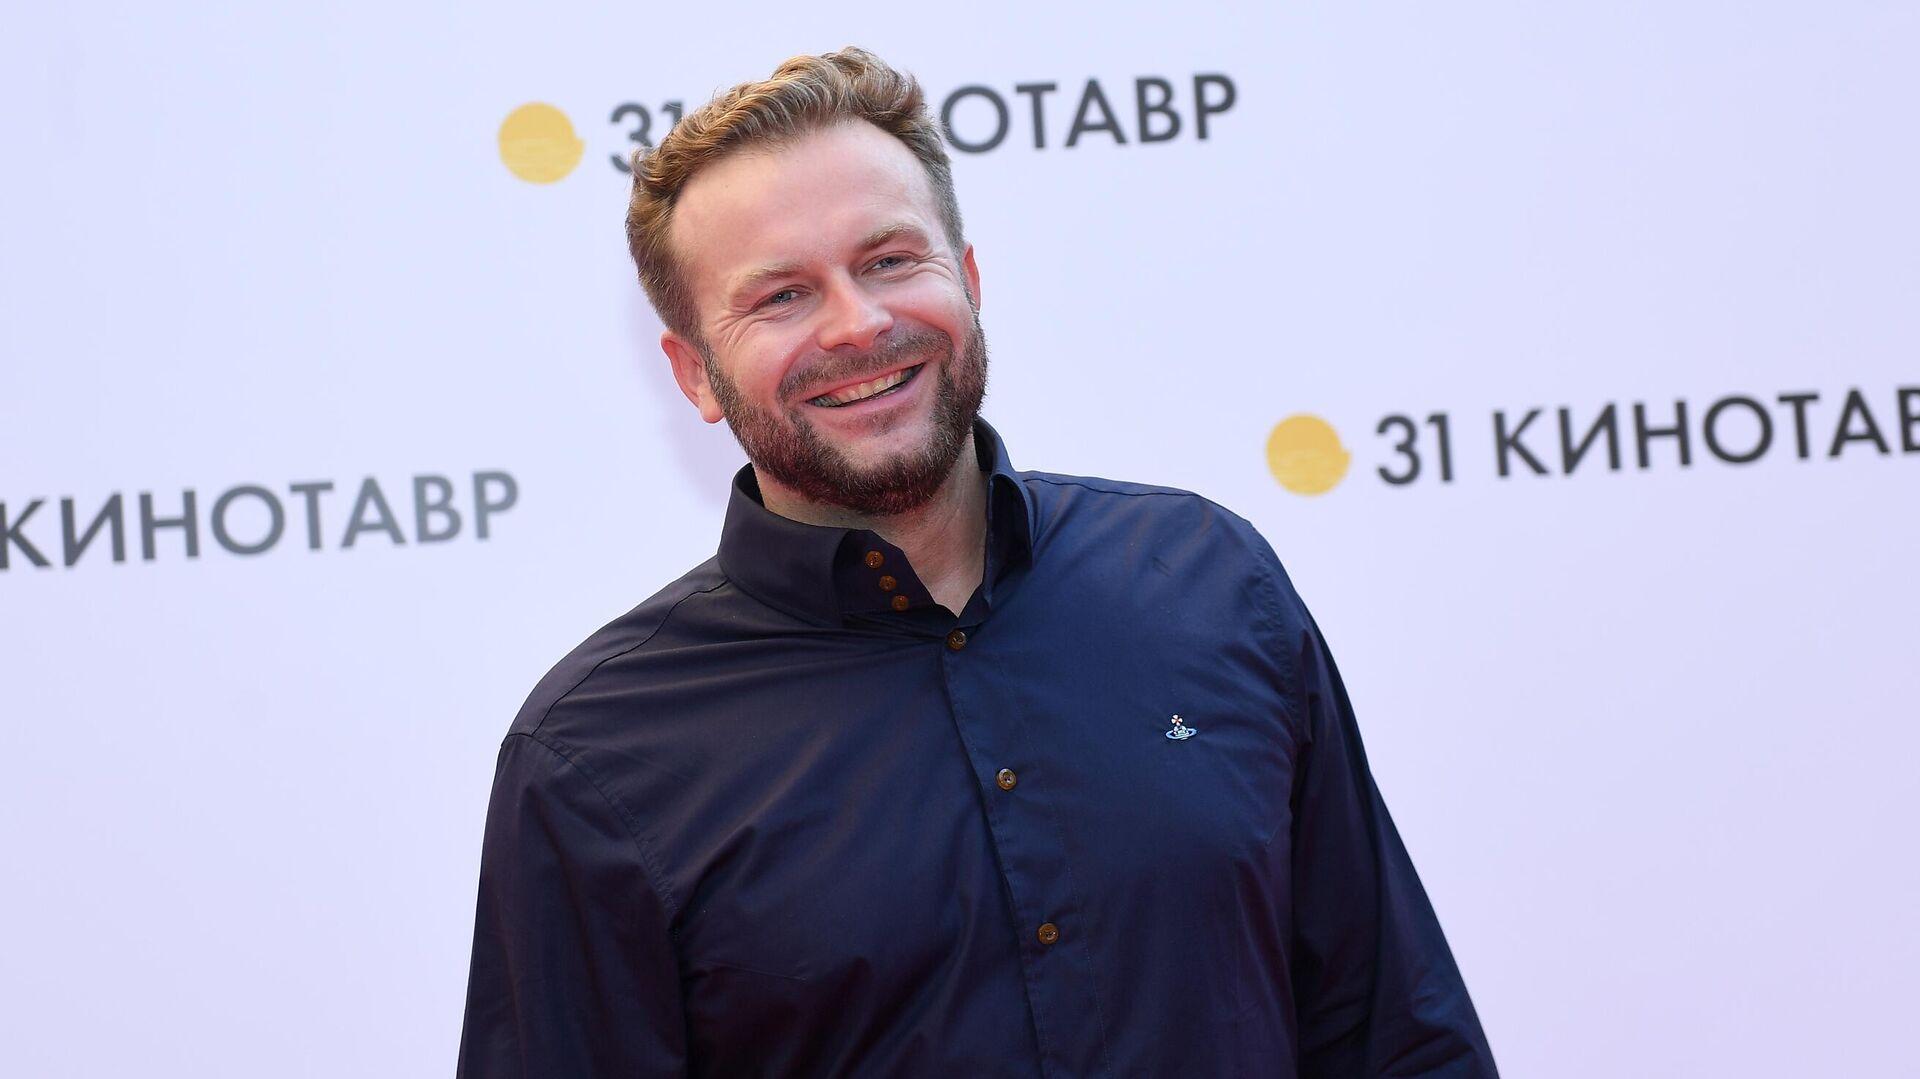 Режиссер Шипенко прошел отбор для съемок фильма на МКС, он здоров